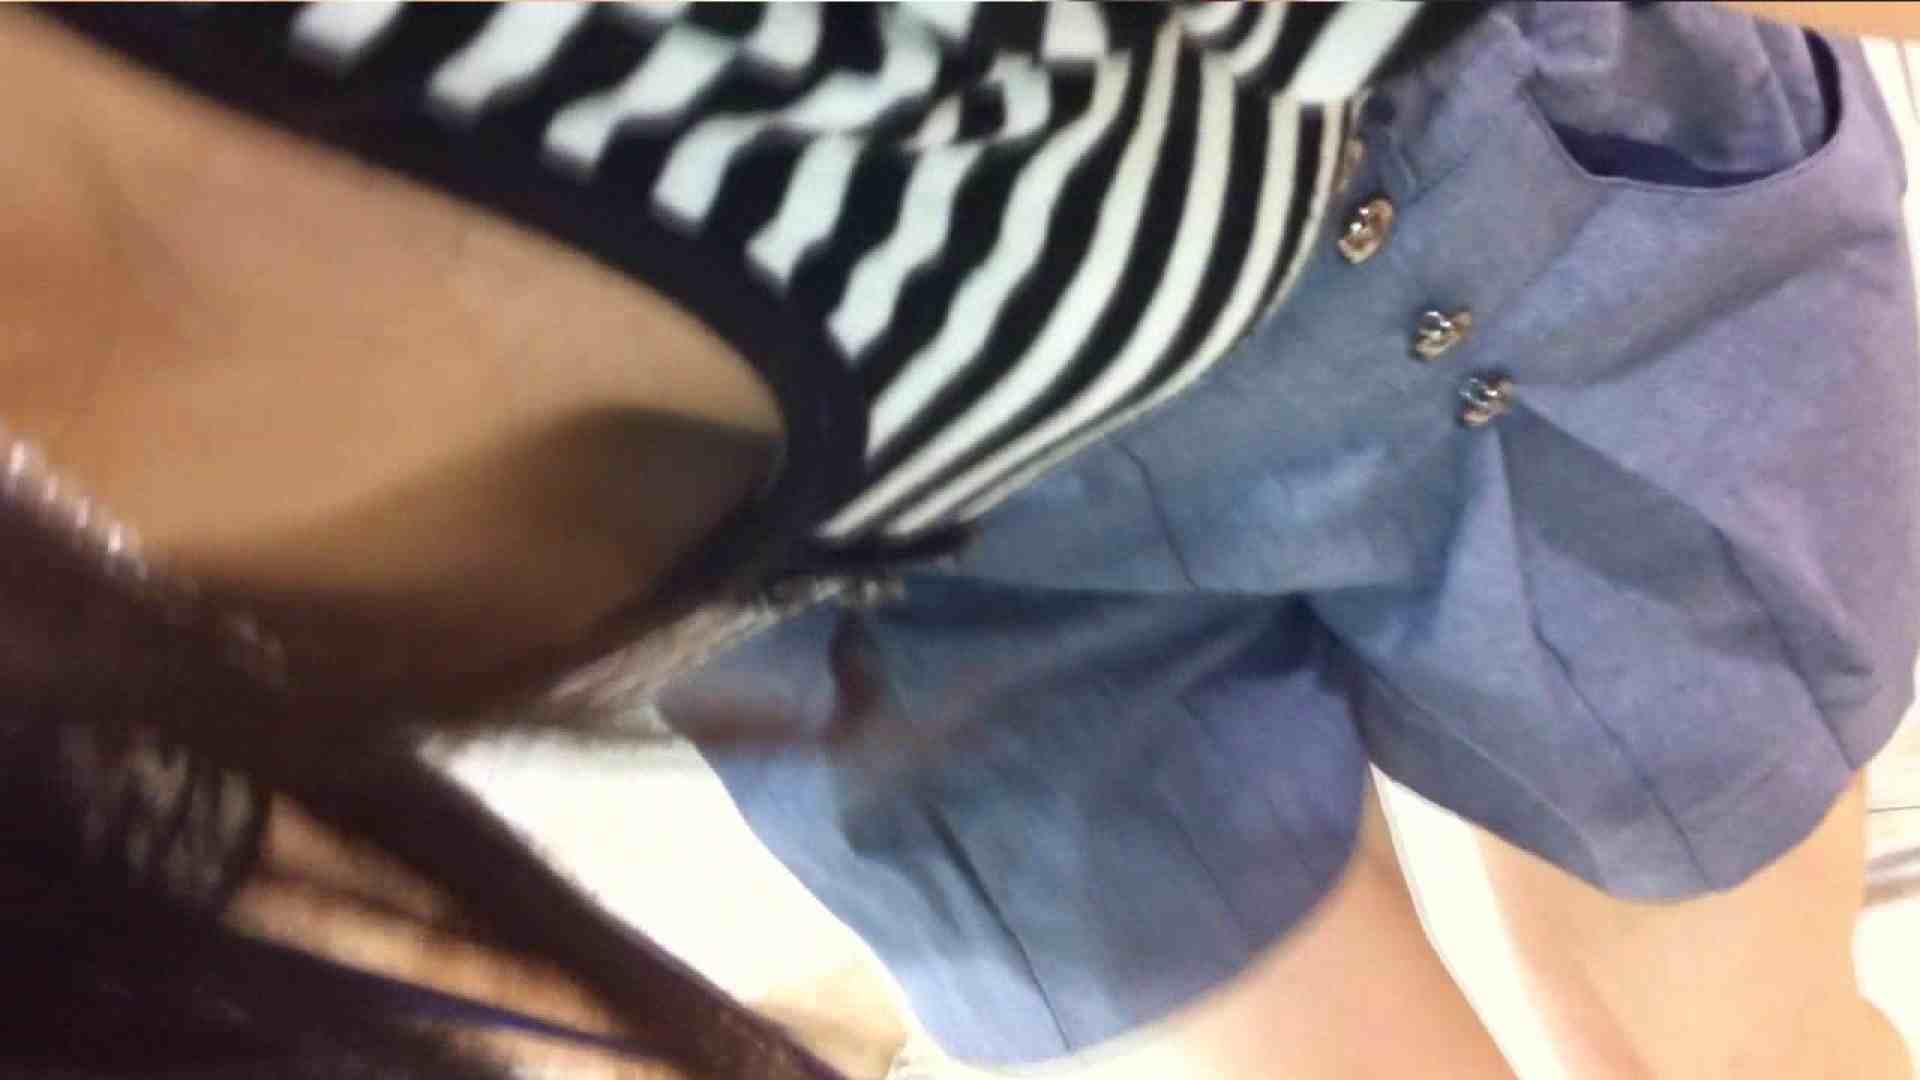 可愛いカリスマ店員限定‼胸チラ&パンチラ vol.12 チラ歓迎 エロ画像 103pic 63